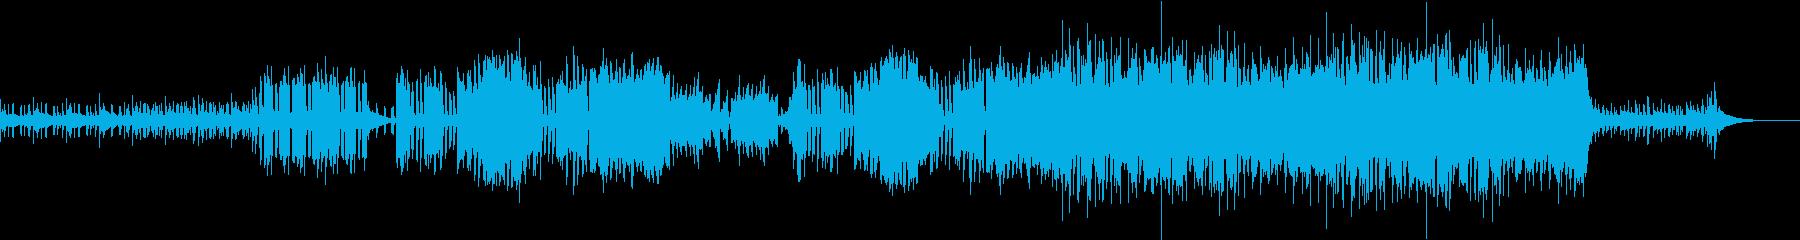 企業/商品紹介BGM②スマートで明るいの再生済みの波形